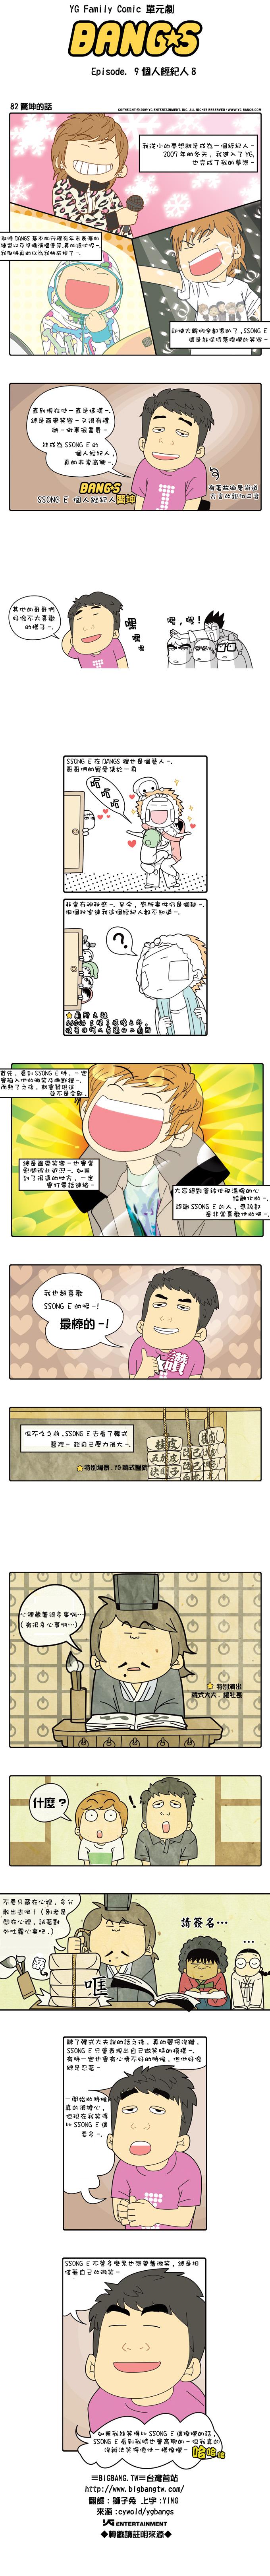 中譯 20091111_Episode 9_個人經紀人 082.png